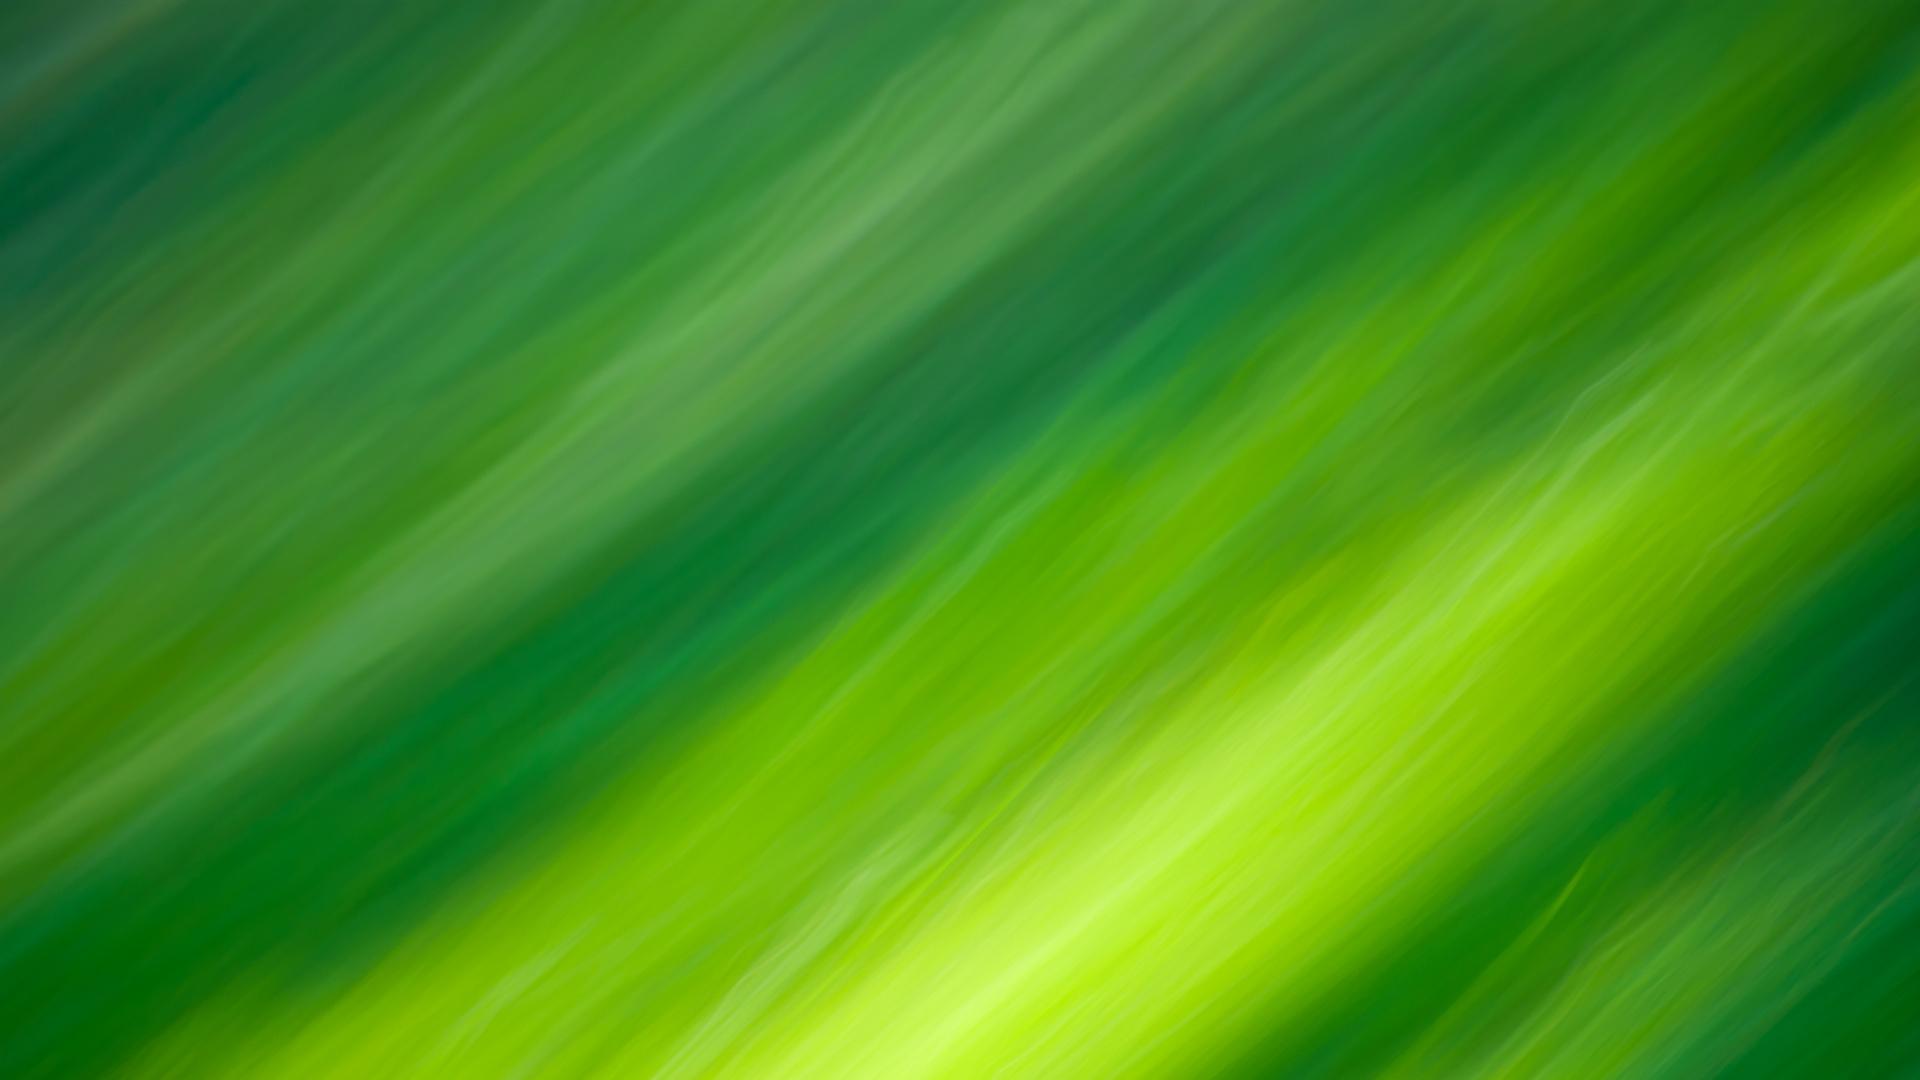 начале века фоновые картинки сине зеленого цвета лиц снимках